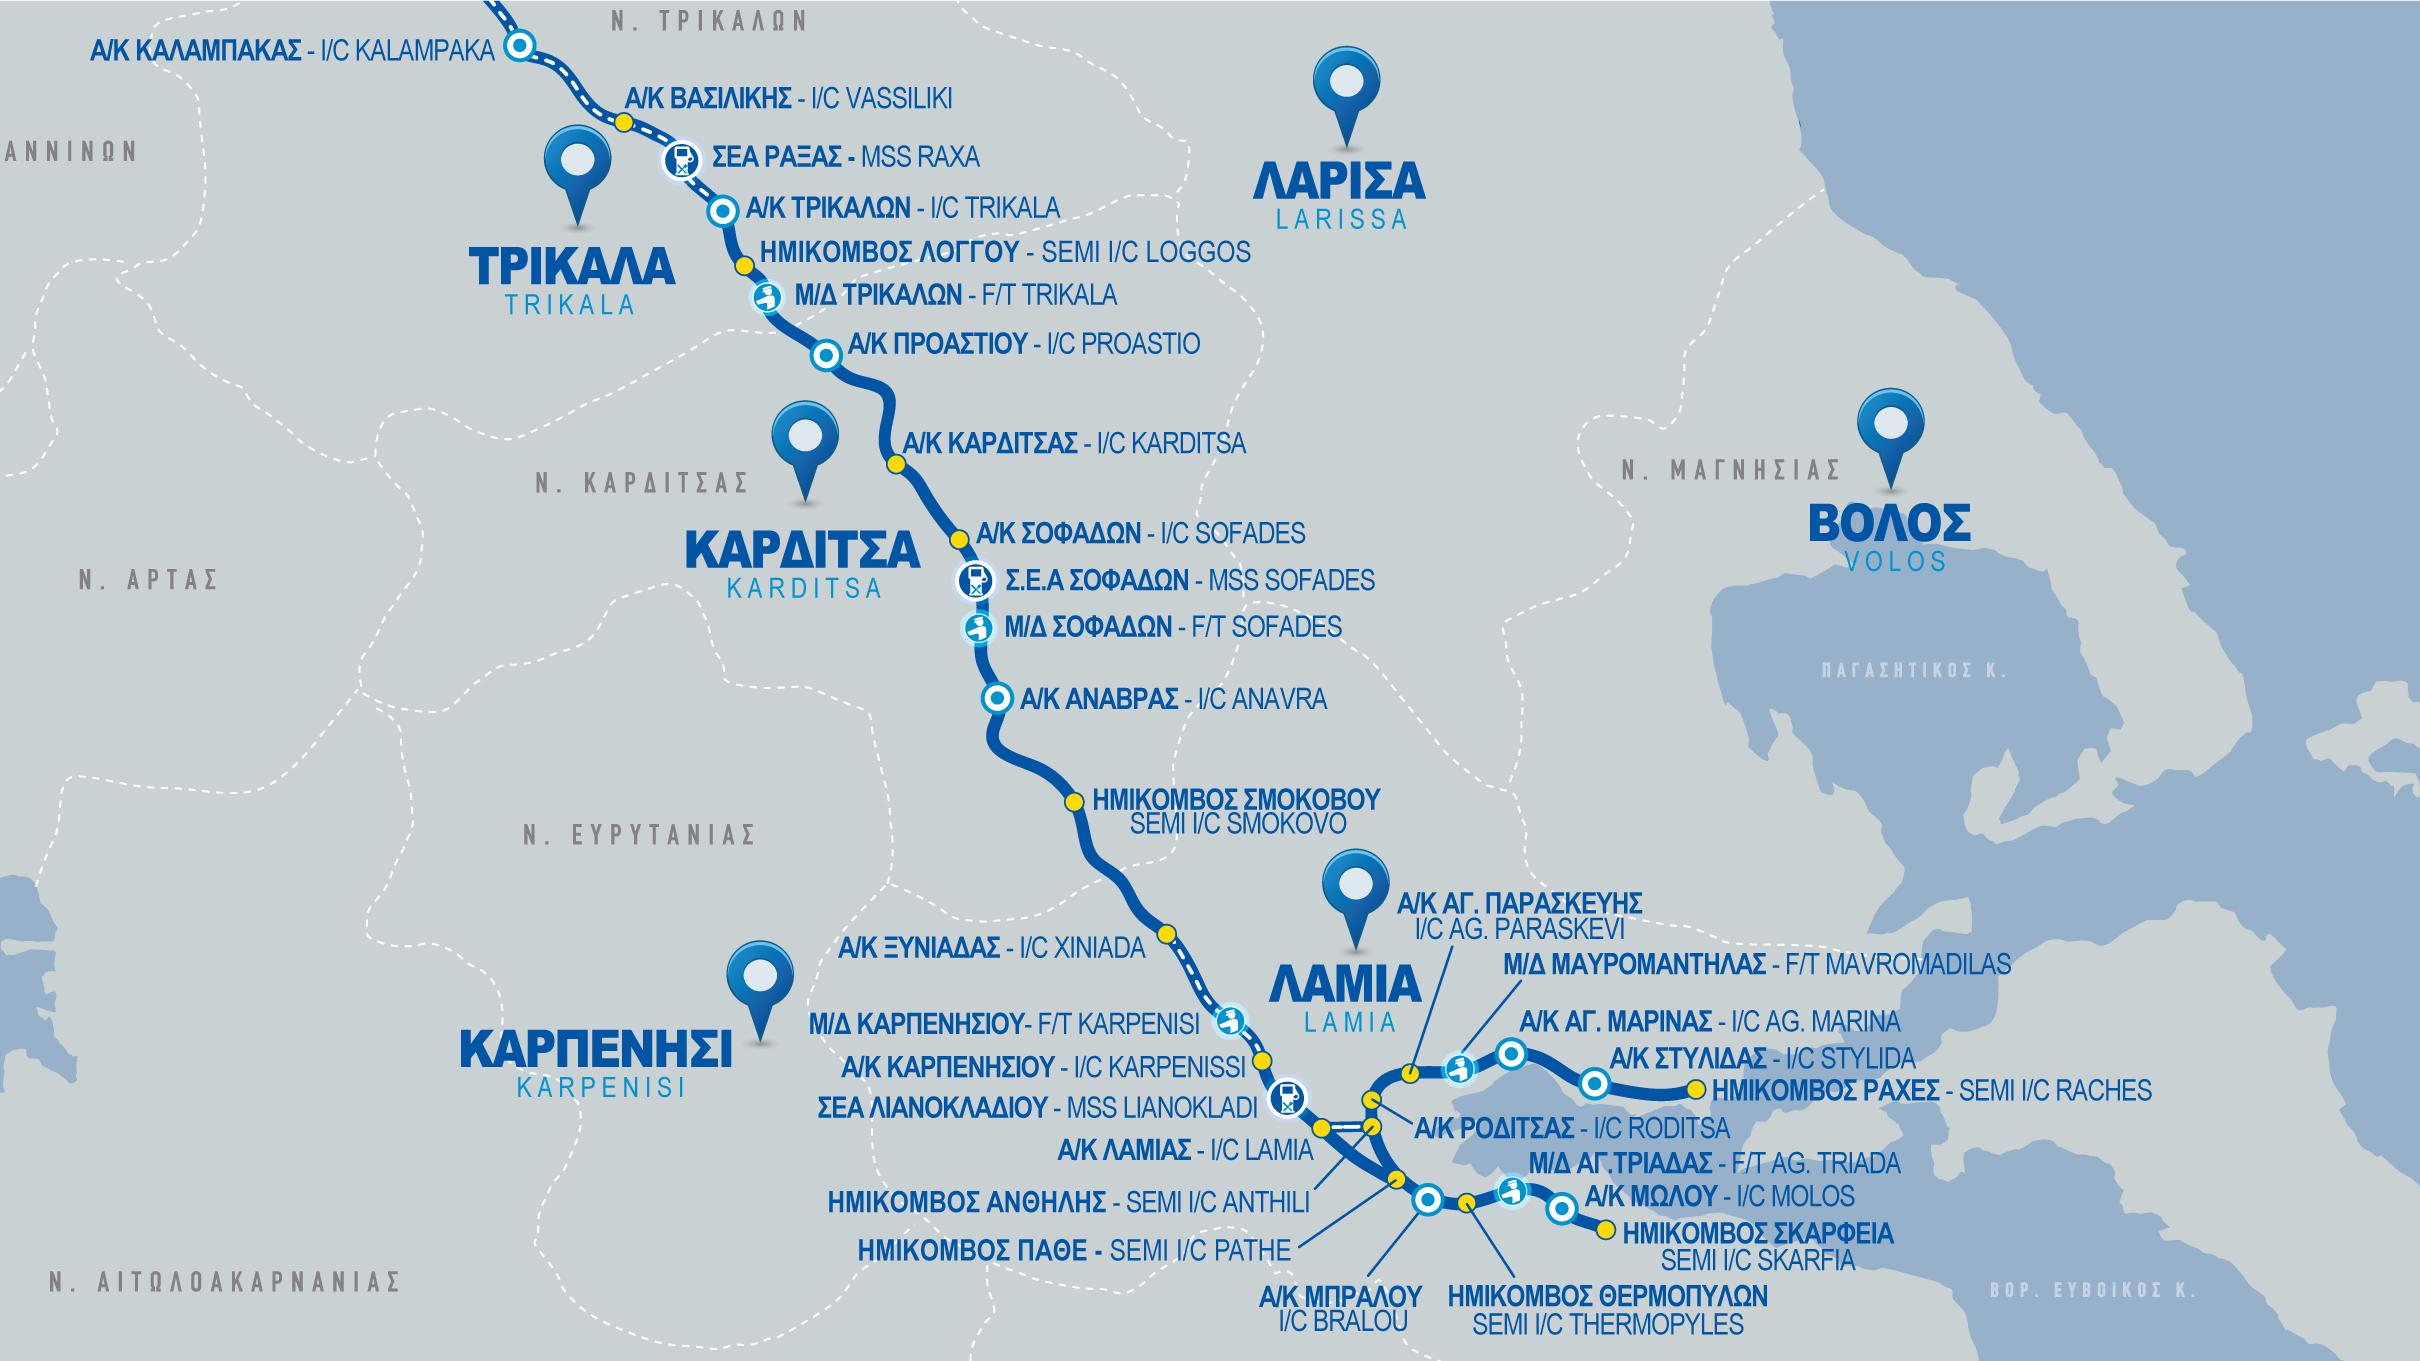 Ε65: Στην κυκλοφορία τα πρώτα 14 χιλιόμετρα του νότιου τμήματος